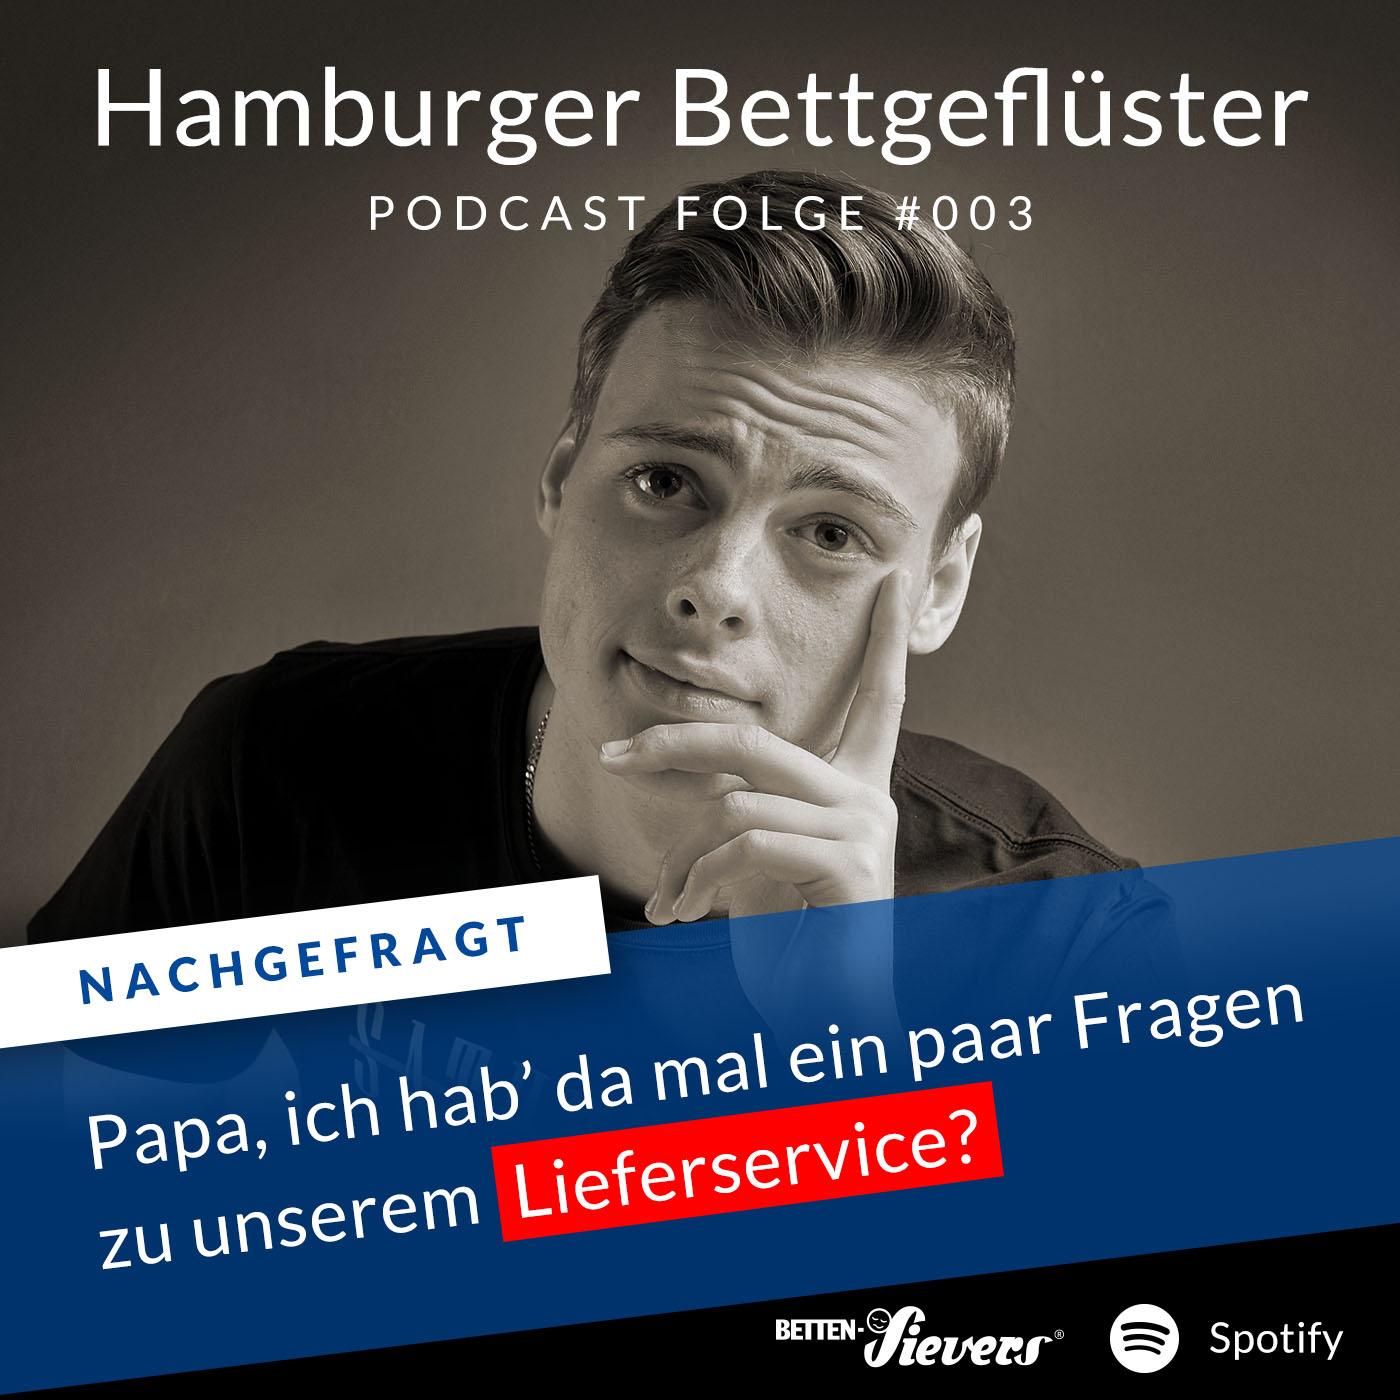 Folge#003 Podcast Hamburger-Bettgefluester. Fragen zum Lieferservice.